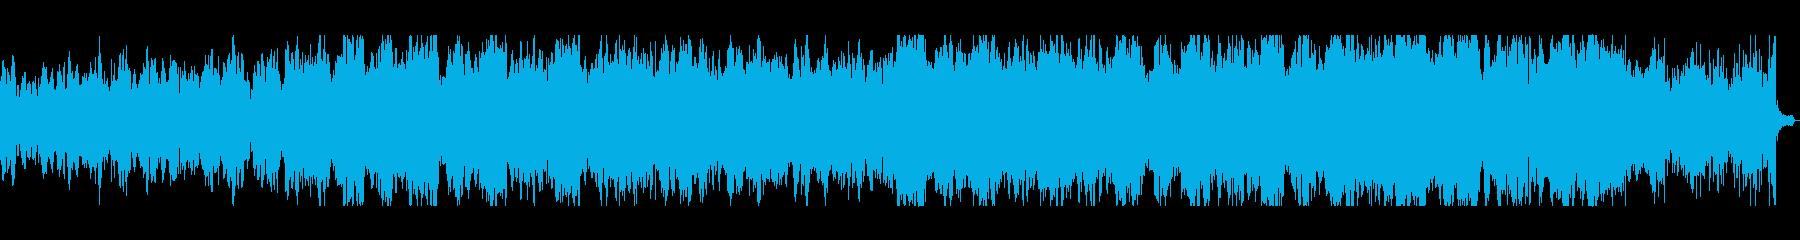 KANT無機質ホラーBGMの再生済みの波形